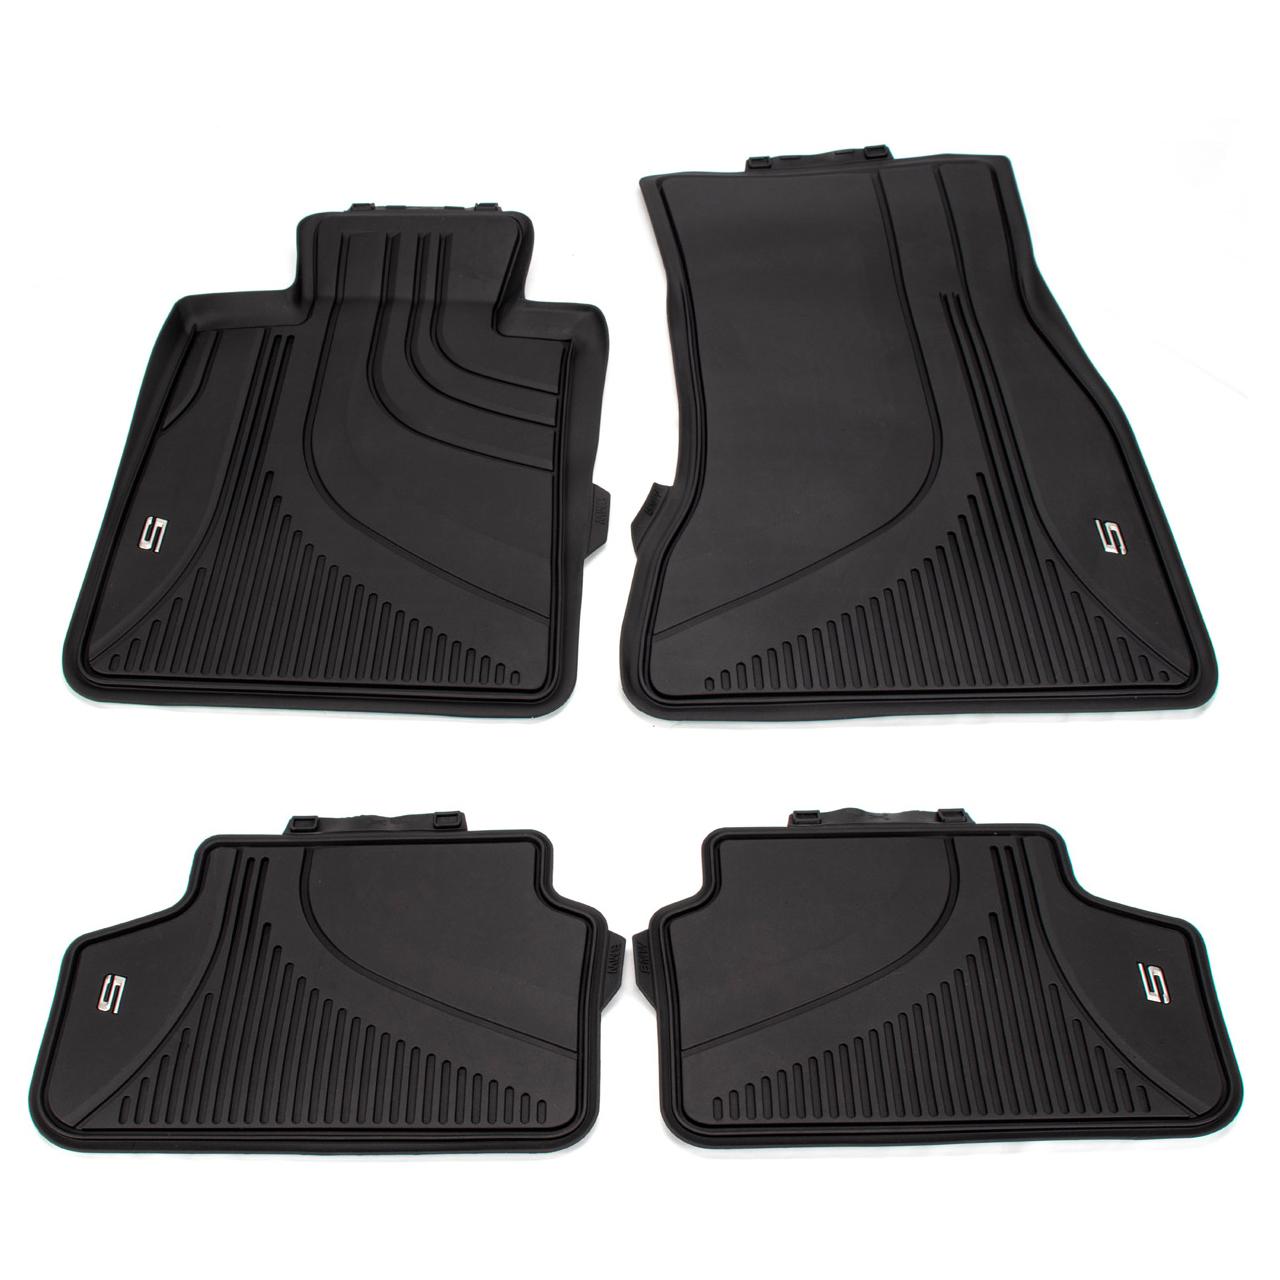 ORIGINAL BMW Gummimatten Fußmatten Allwetter Set 5er G30 F90 G31 vorne + hinten